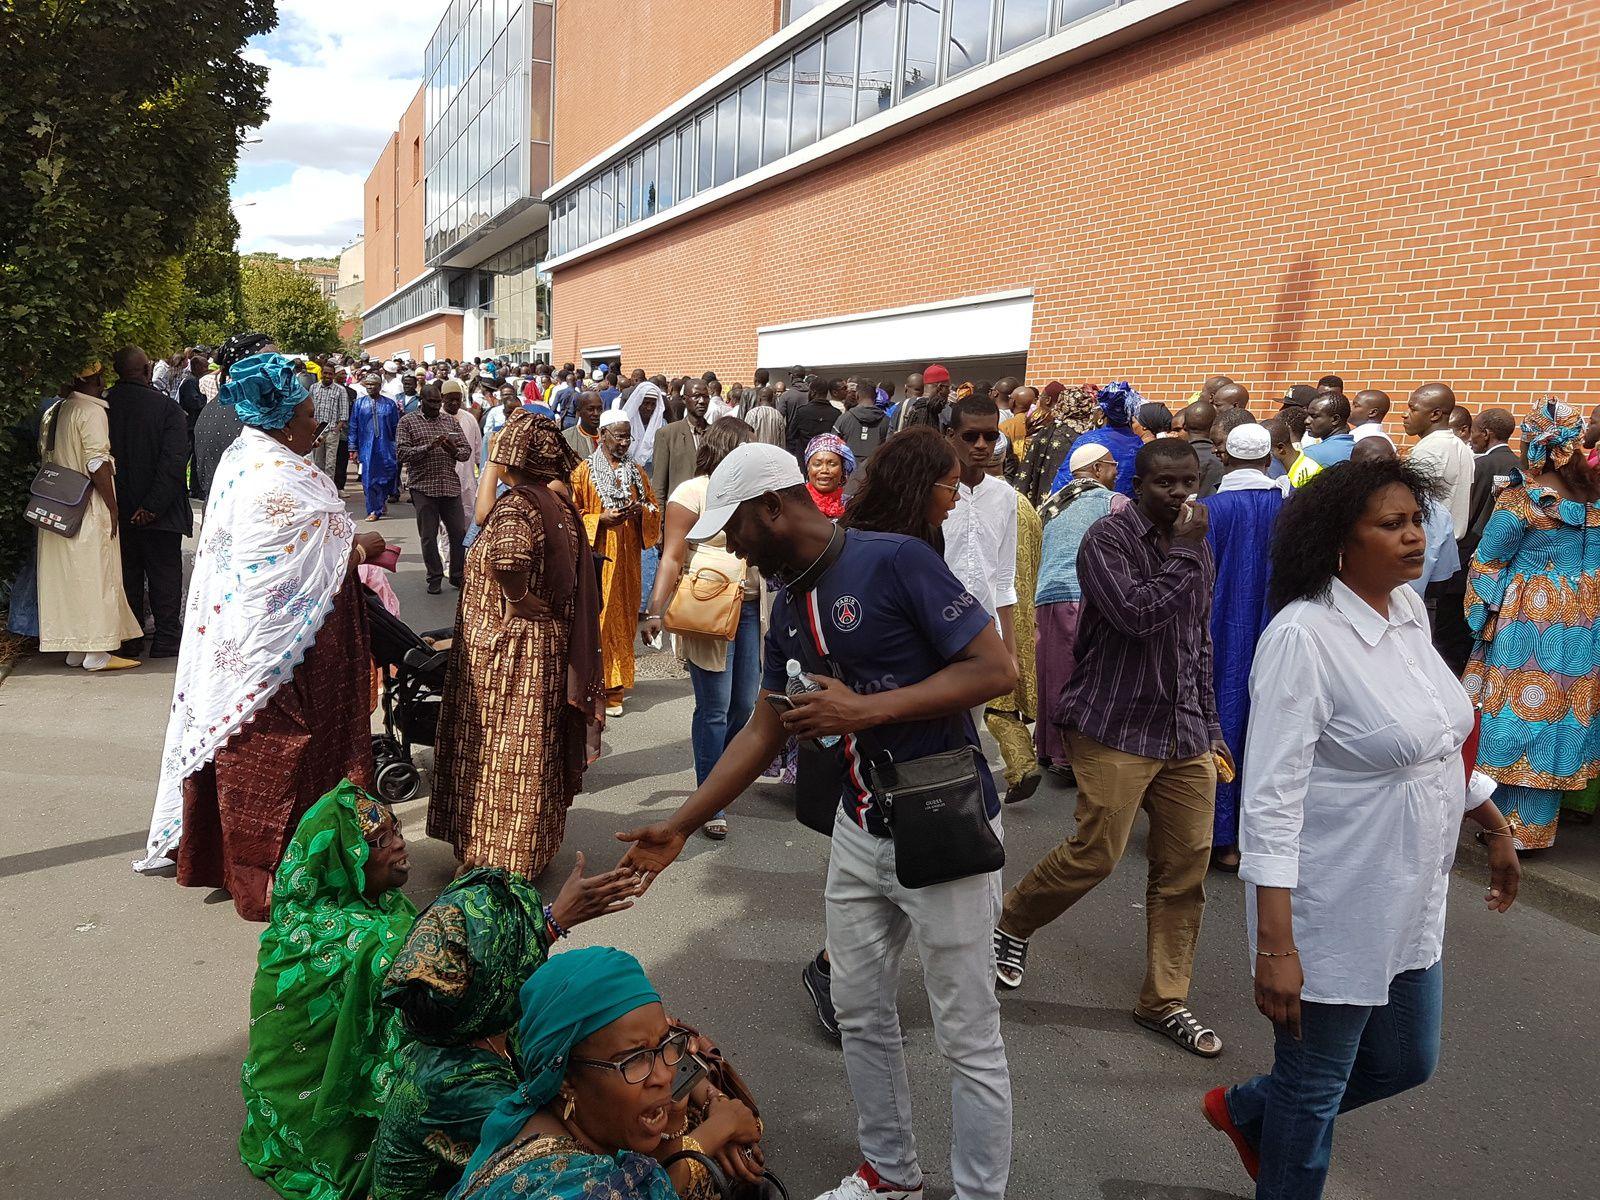 «Sénégal Législatives du 30 juillet 2017 très forte affluence de la diaspora au bureau de vote de Montreuil sous Bois», par M. Amadou Bal BA - http://baamadou.over-blog.fr/